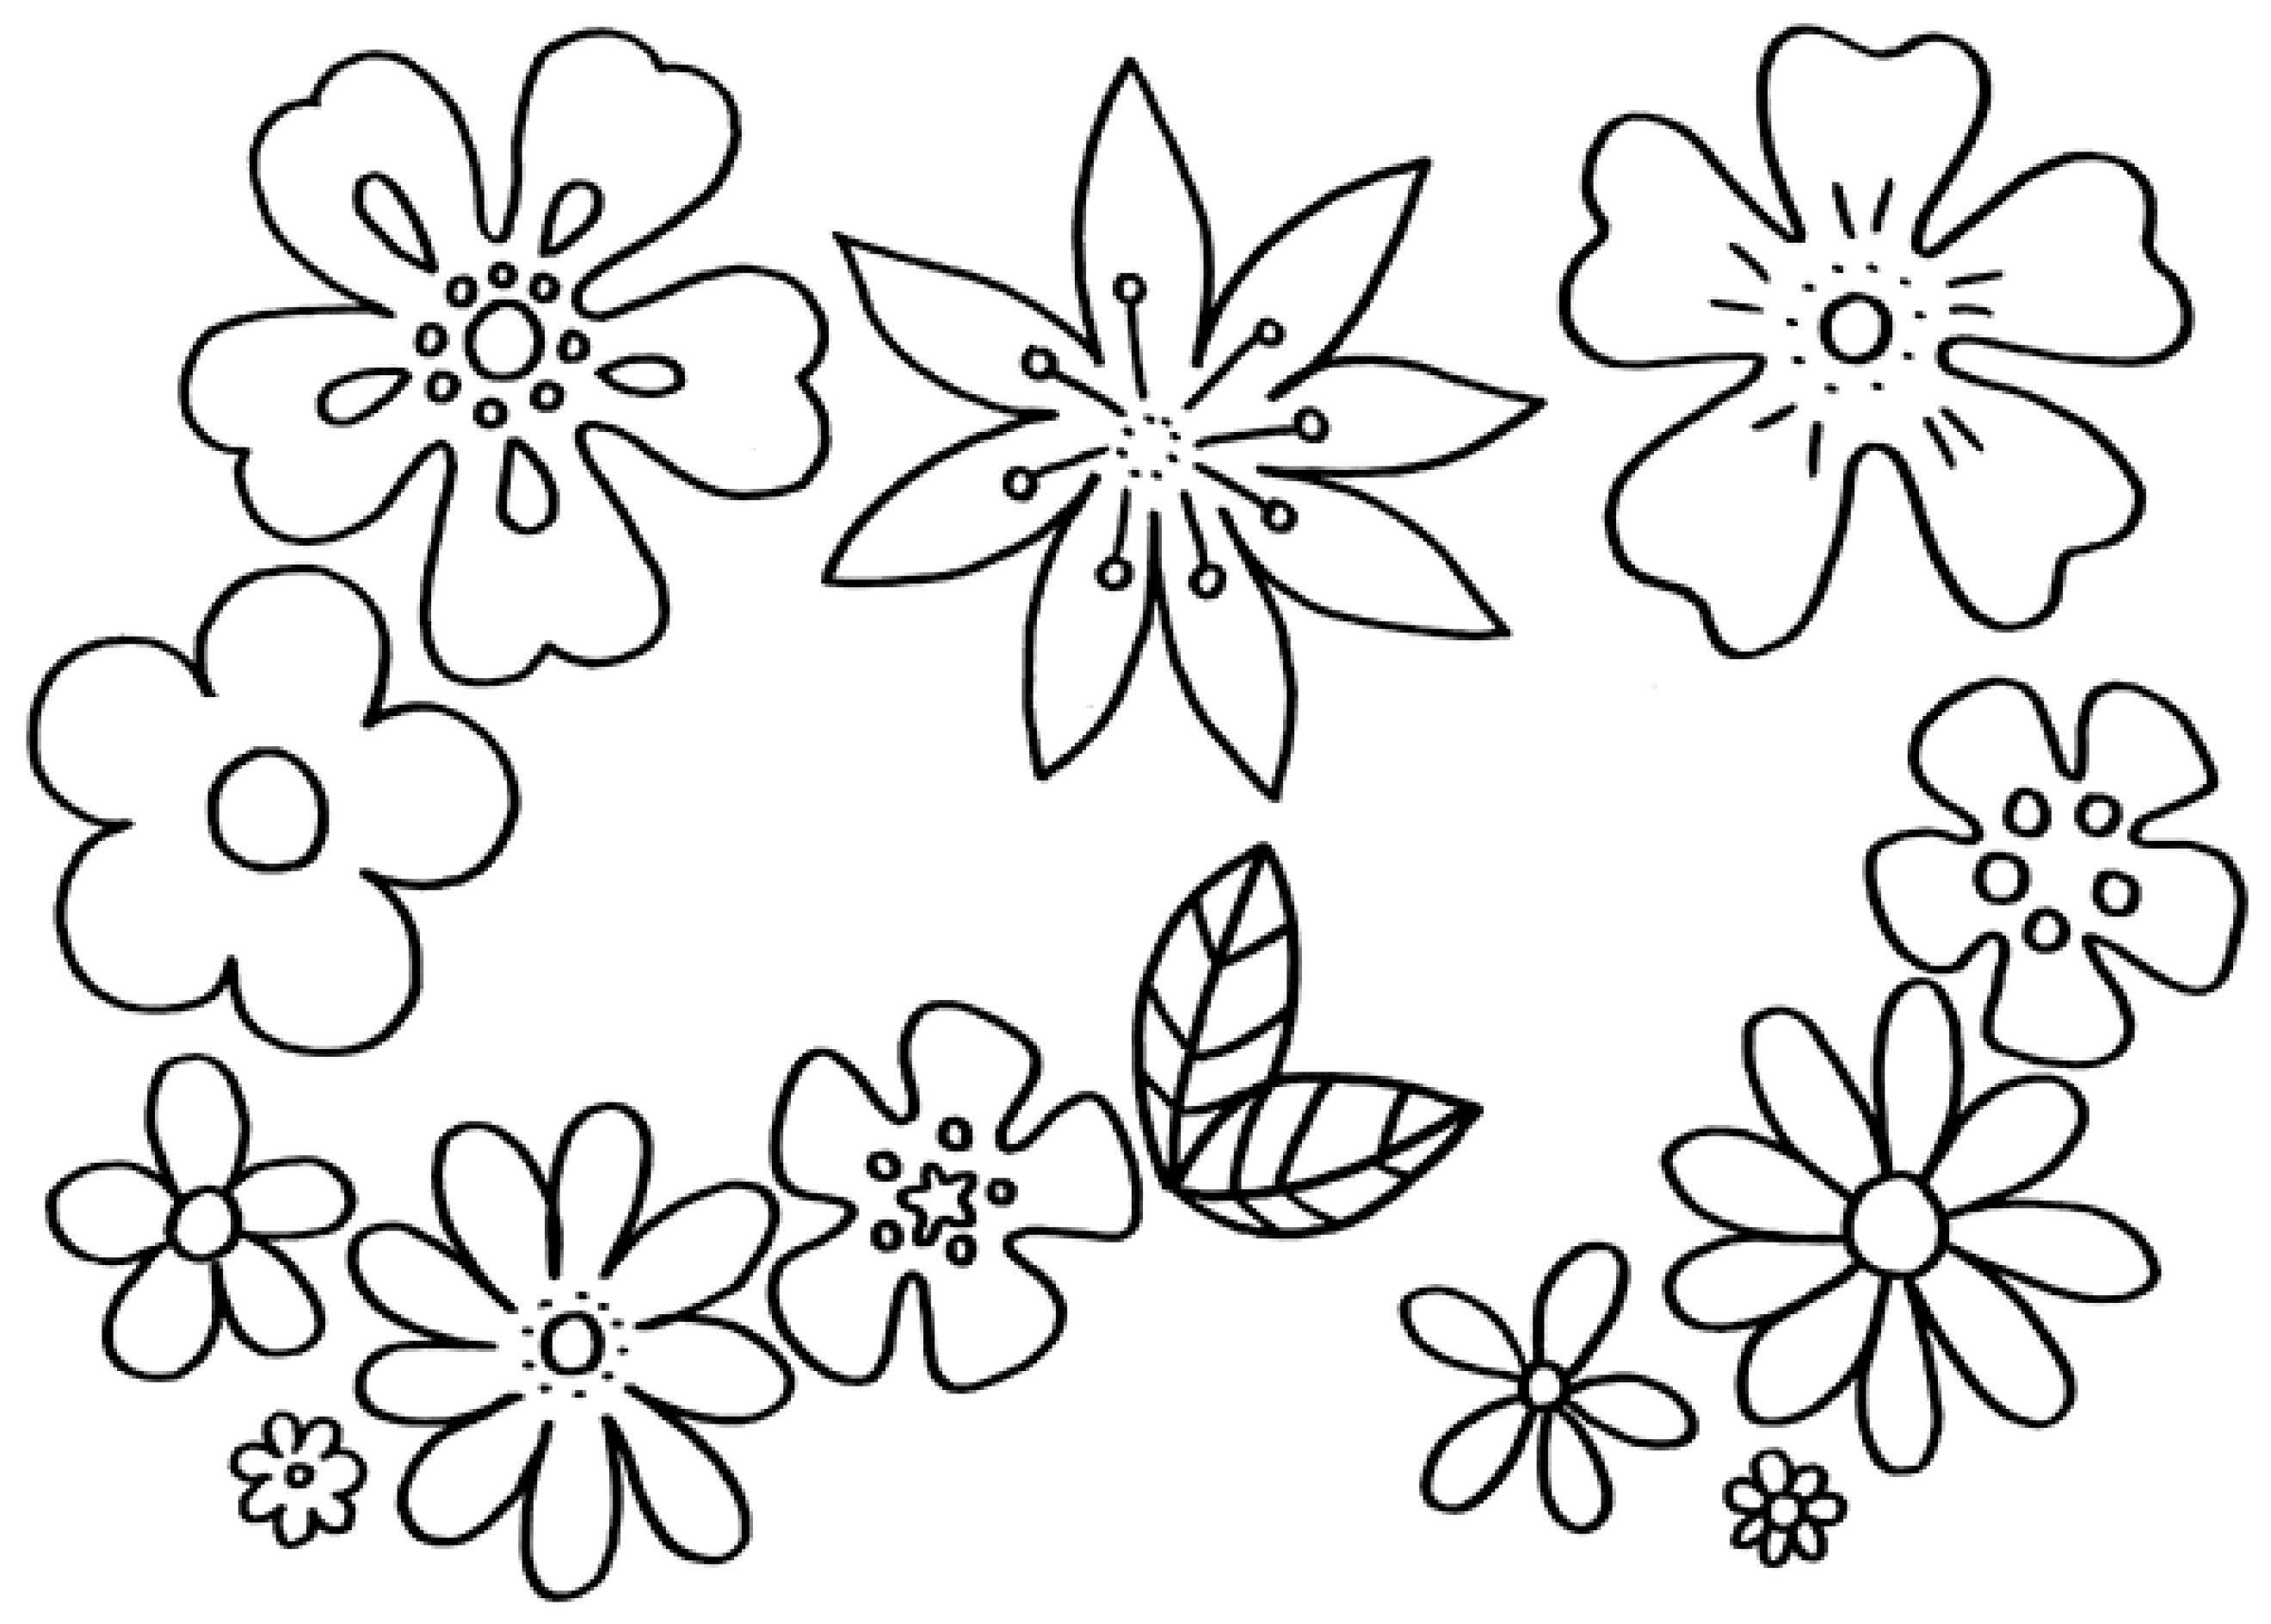 blumen malvorlage zum ausdrucken  Malvorlagen blumen, Blumen